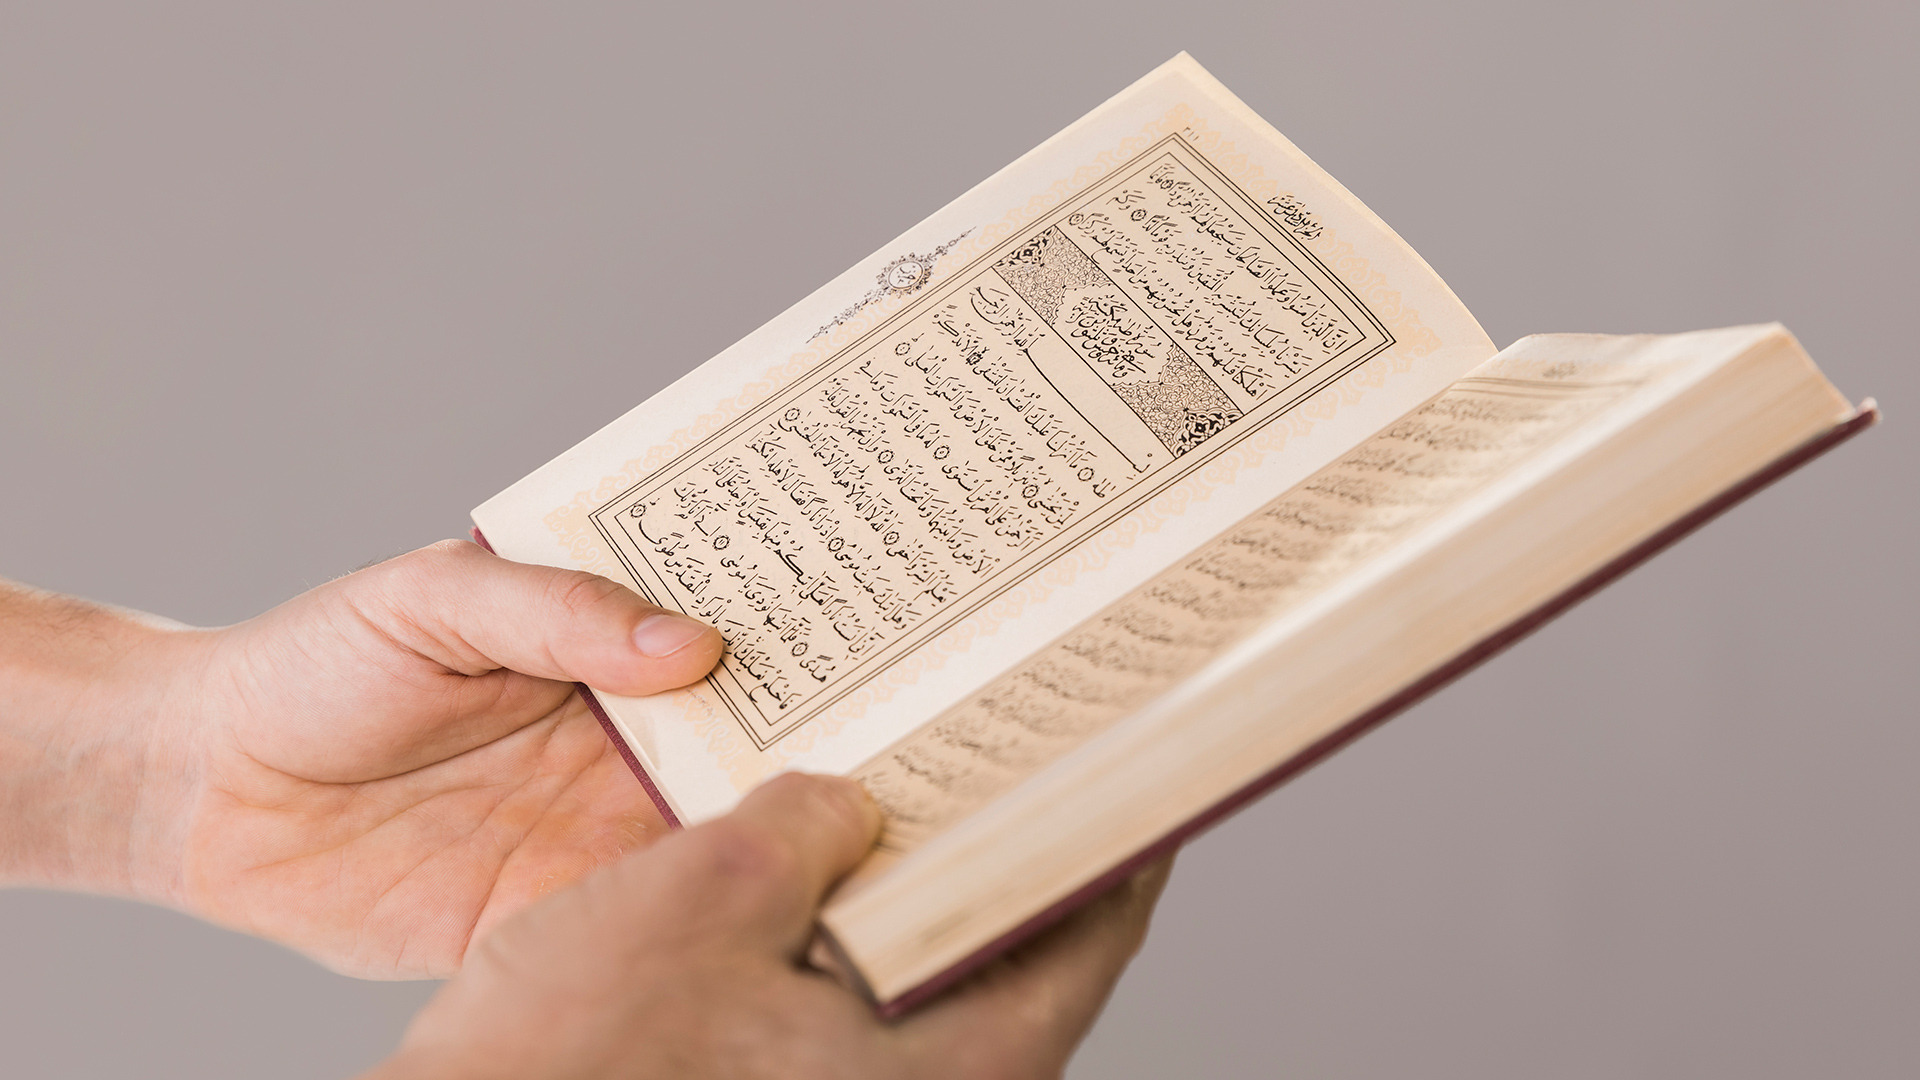 Bina-Qurani-Definisi-Ilmu-Fikih-dan-Keutamaannya-Menurut-Islam